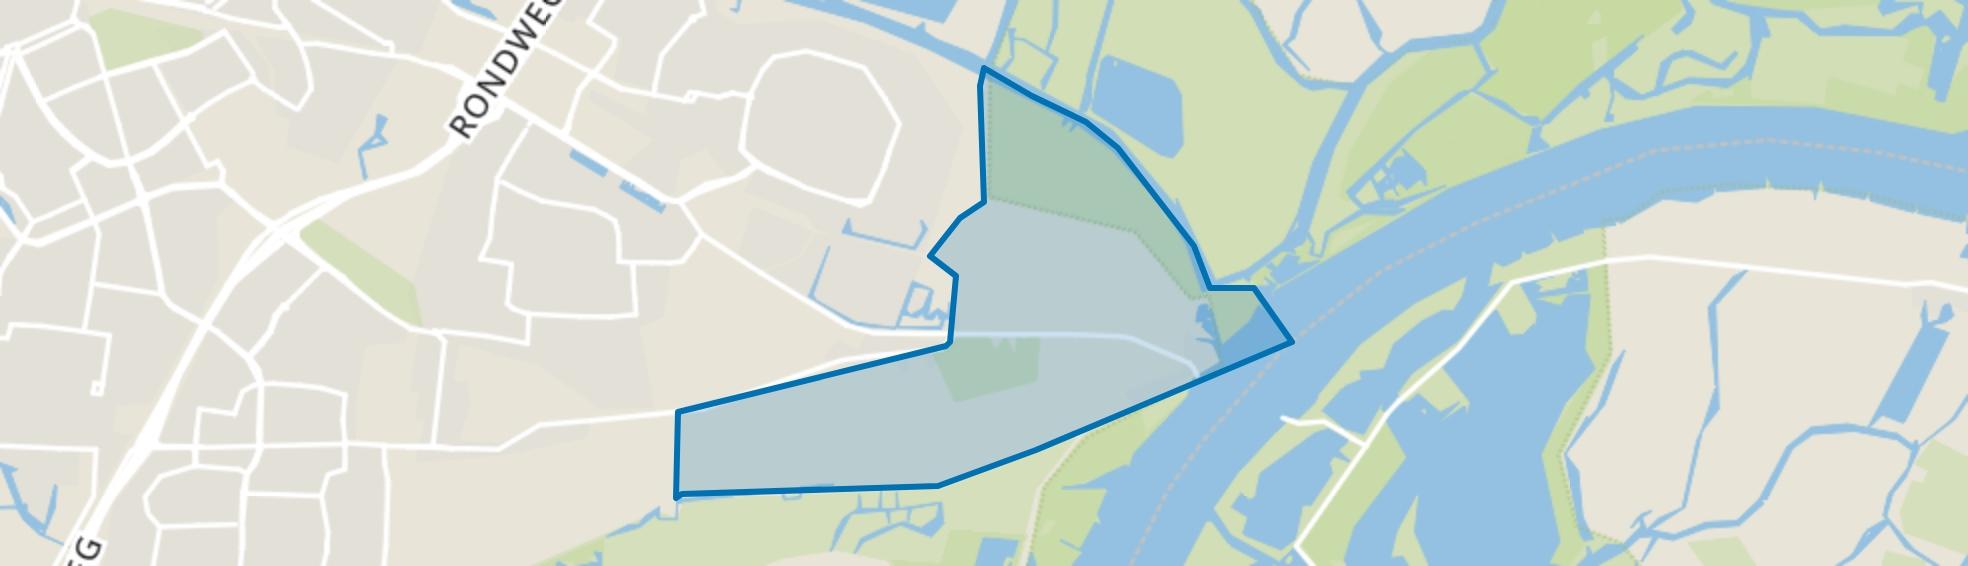 Bovenpolder, Dordrecht map